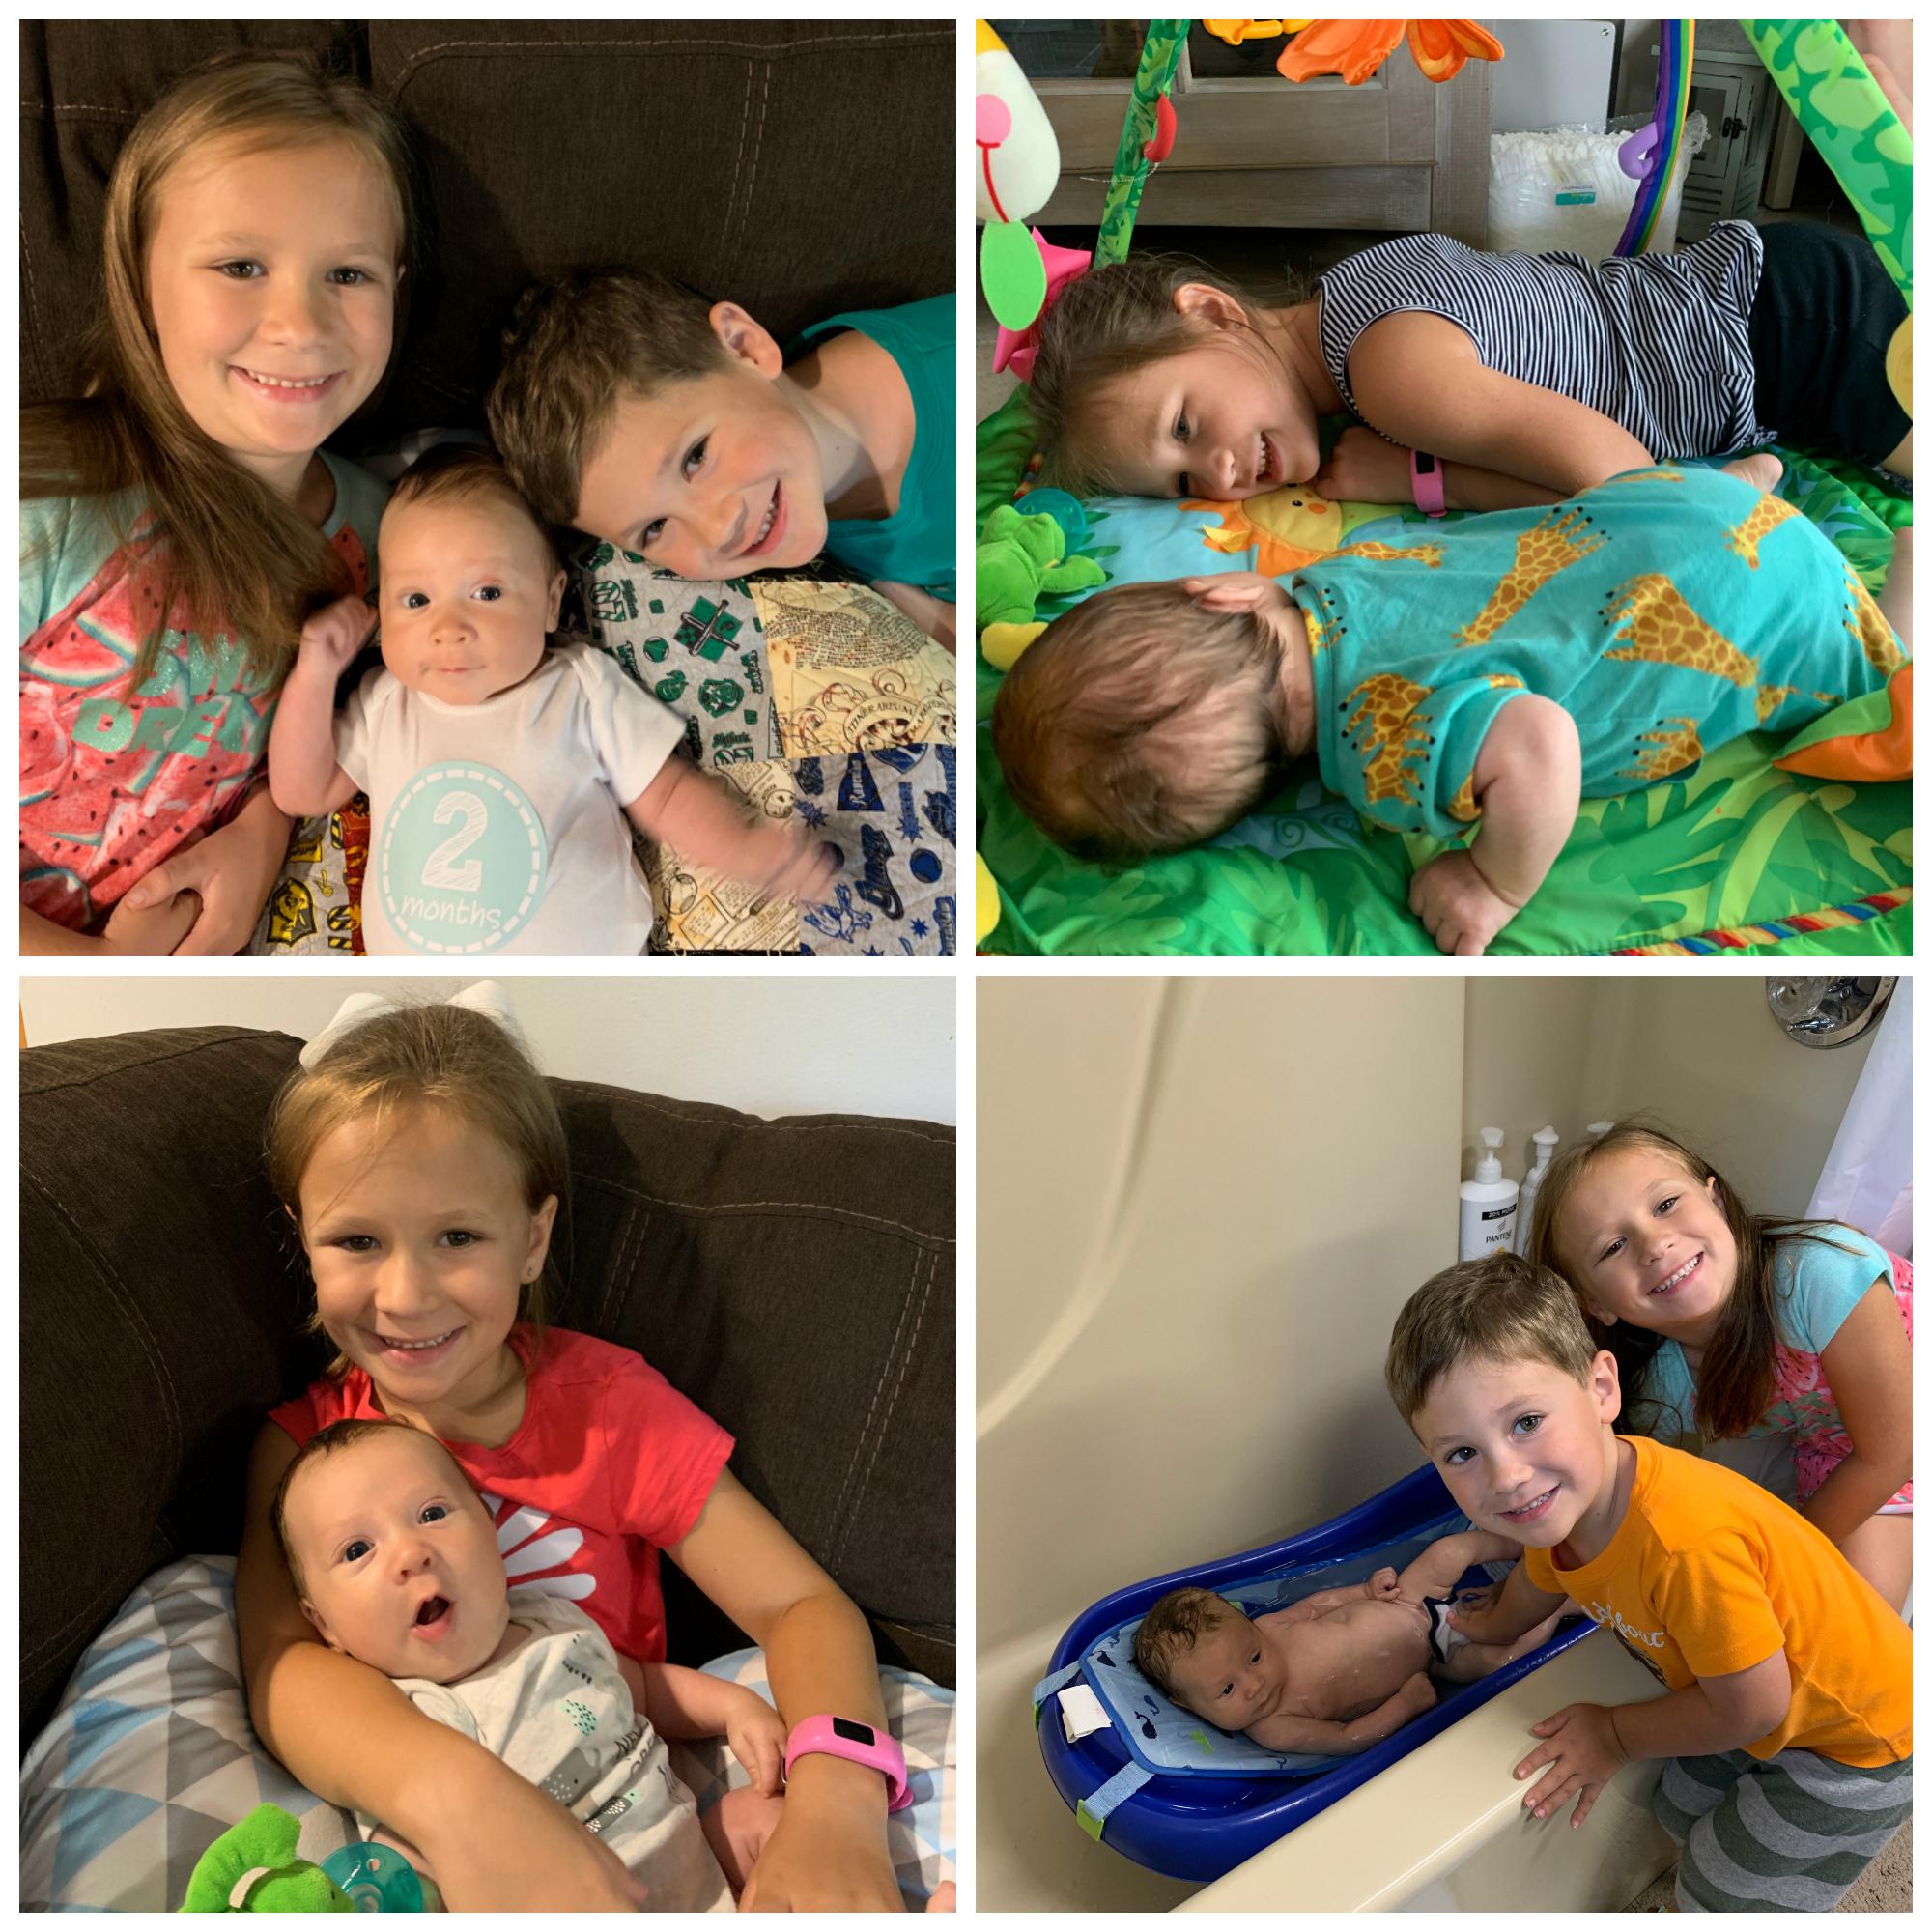 Brody-2months-siblings